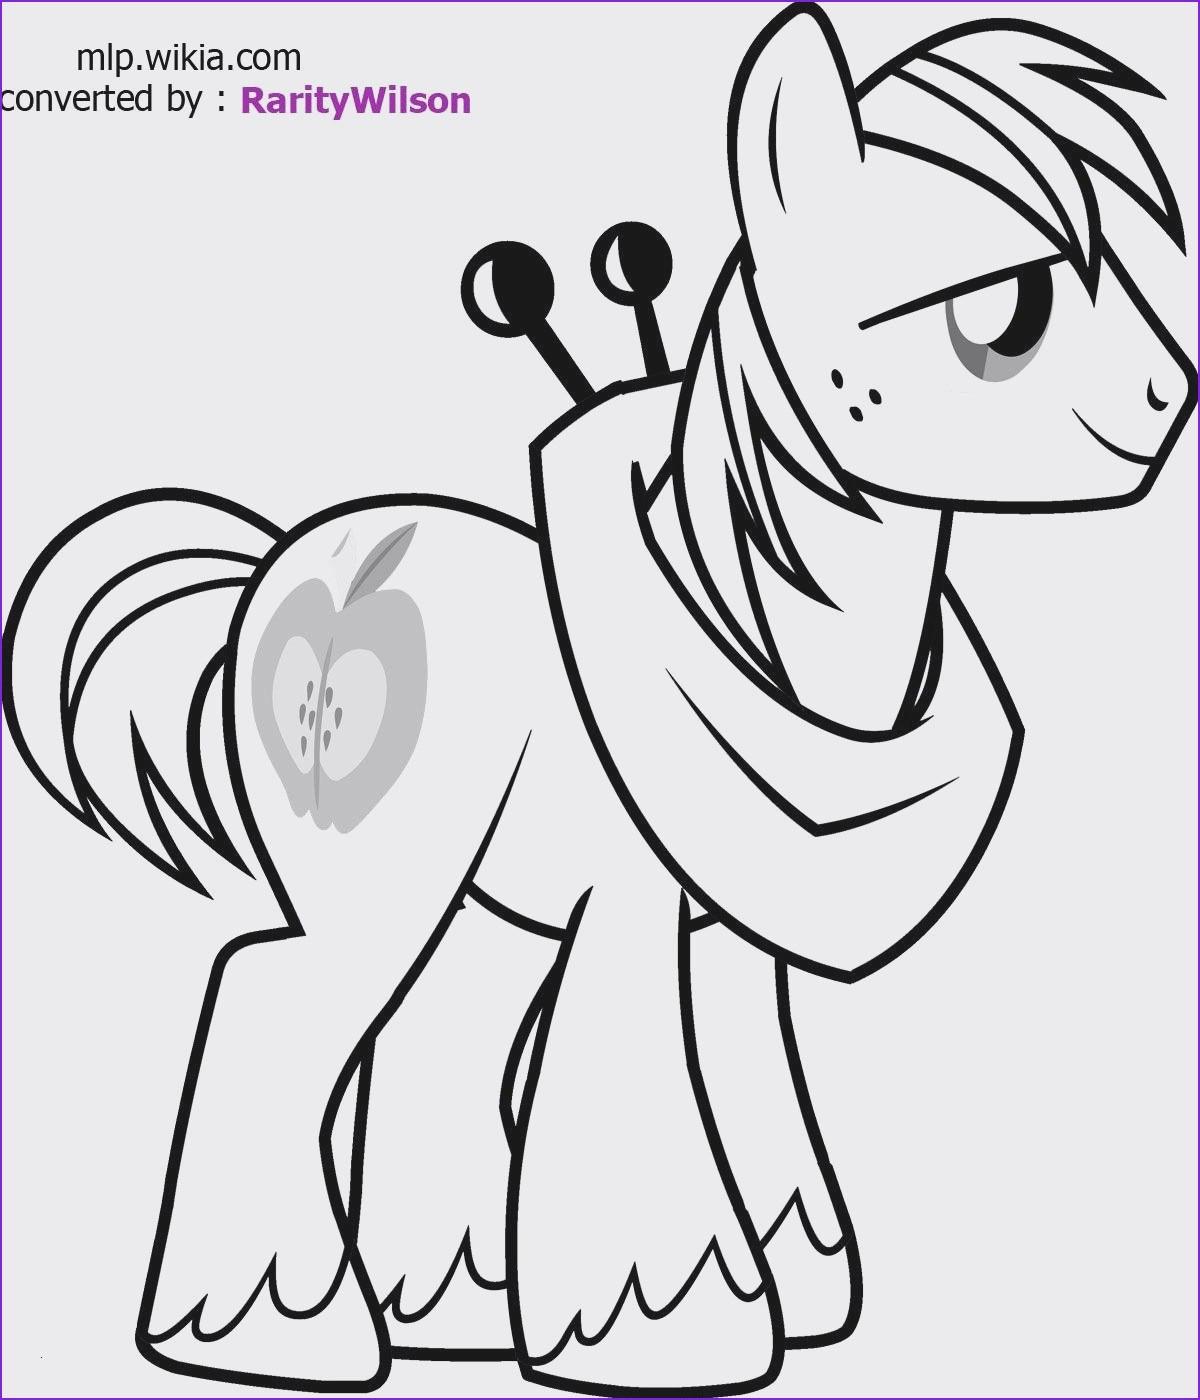 Equestria Girls Ausmalbilder Inspirierend 40 My Little Pony Friendship is Magic Ausmalbilder Scoredatscore Bild